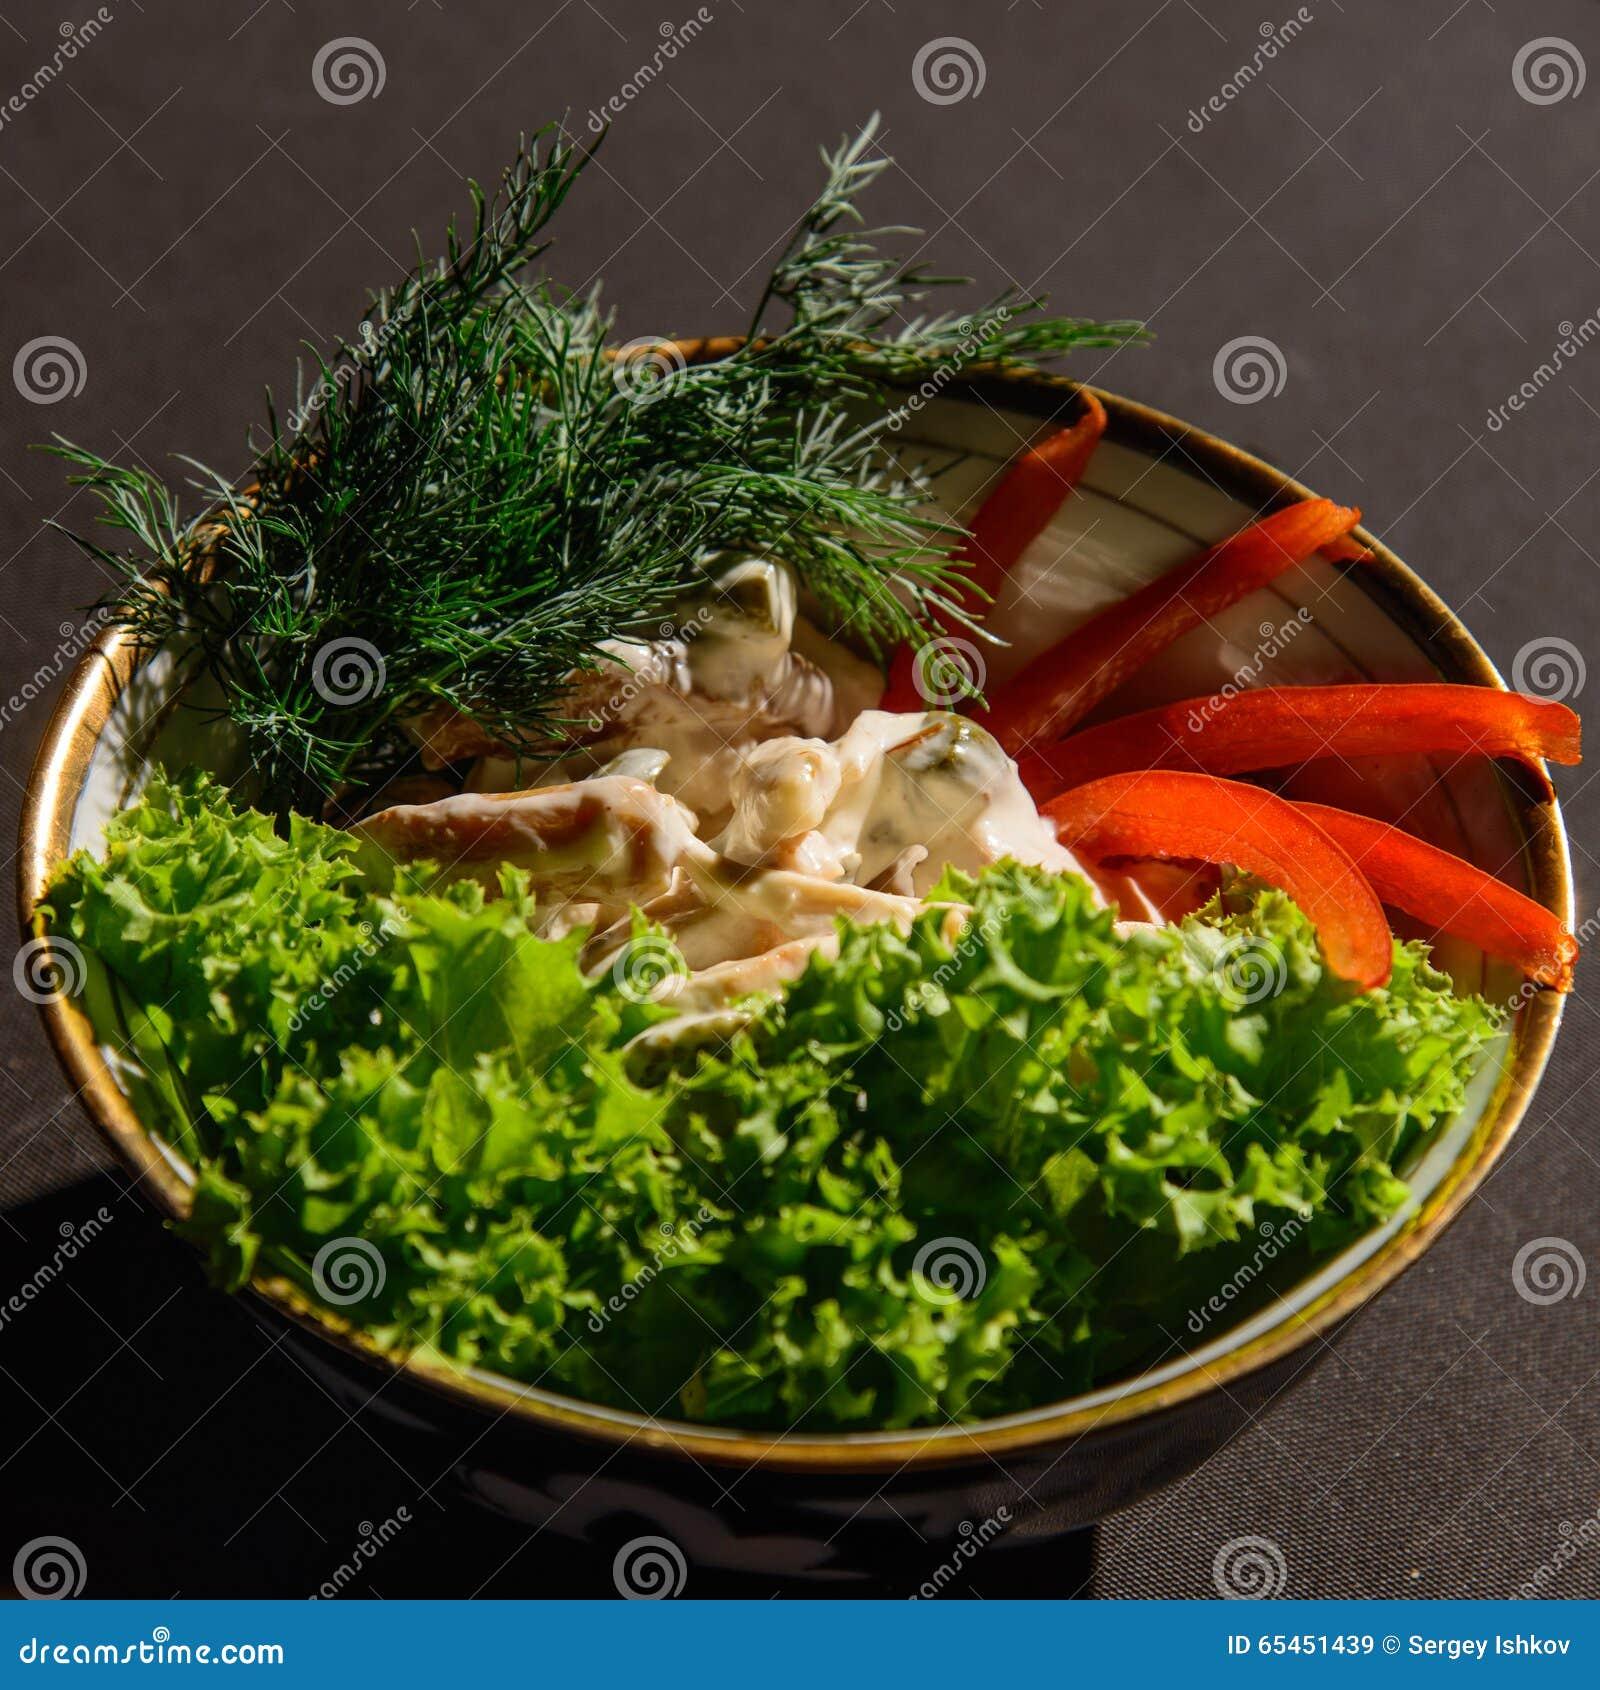 Pieczarki, mięso i niektóre warzywa,